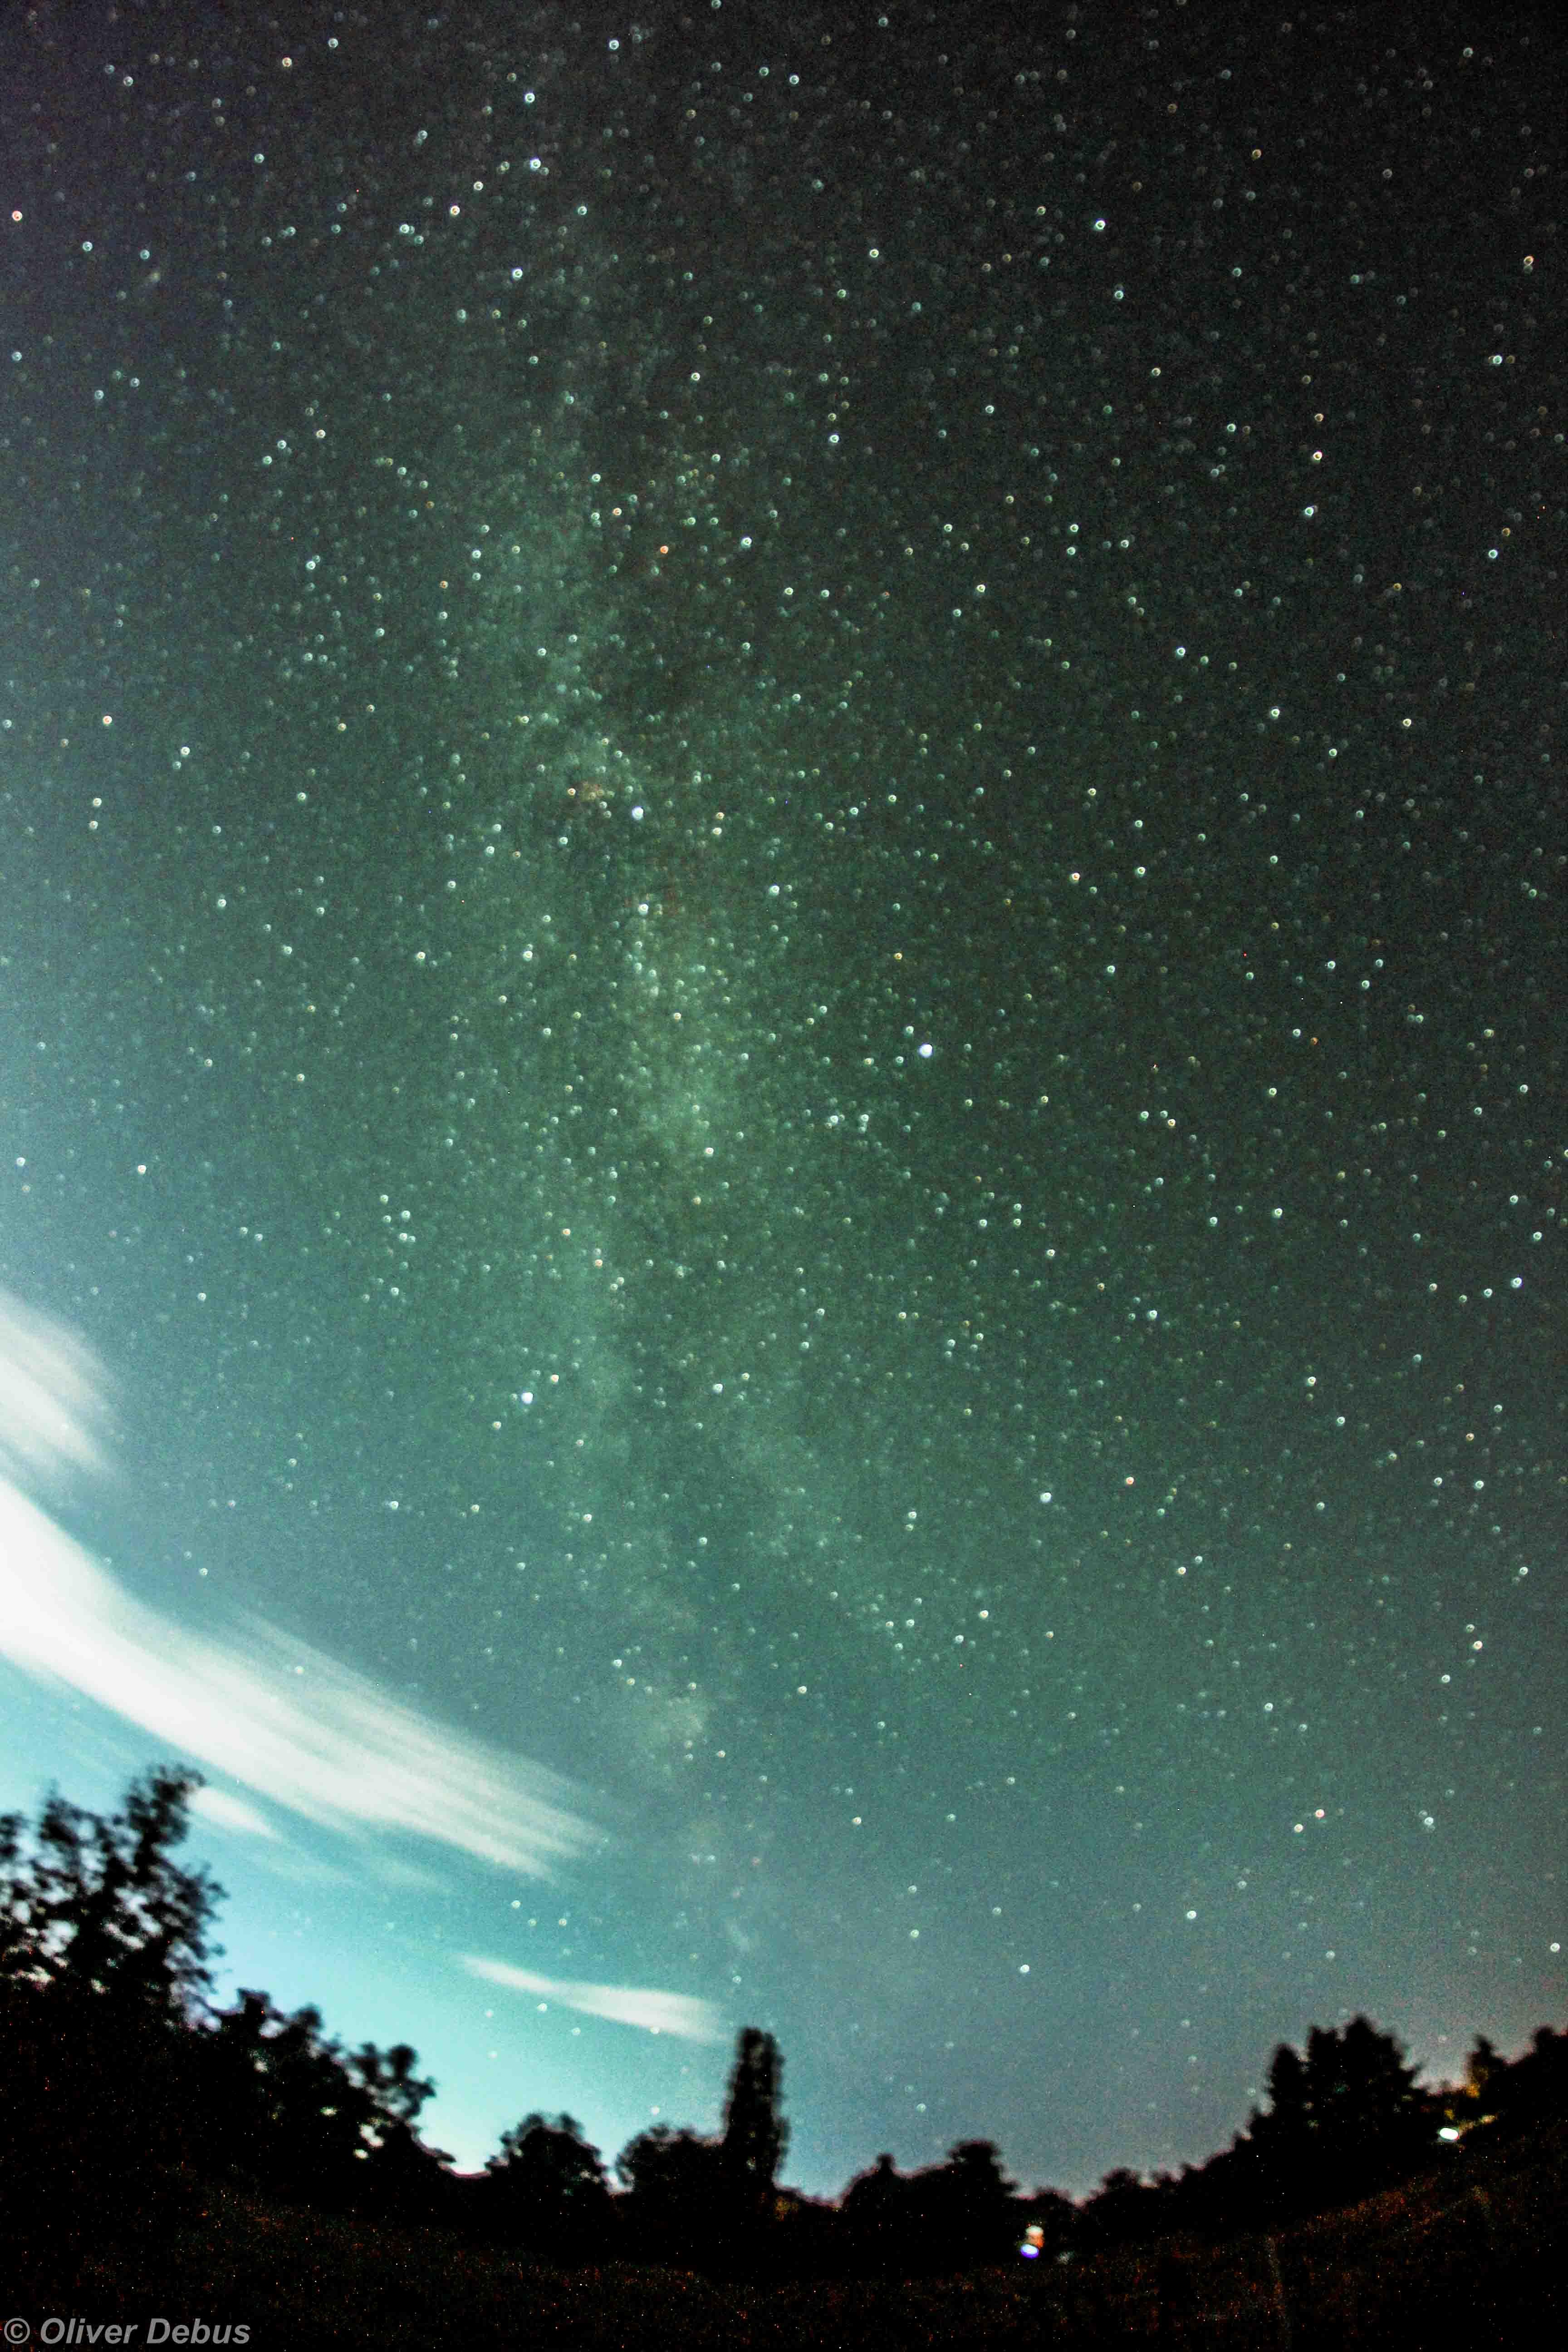 Die Sommermilchstraße, am Südhorizont erhebt sie sich aus den Sternbildern Schütze und Skorpion, läuft durch das Sommerdreieck und endet oben im Bild im Sternbild Kassiopeia.